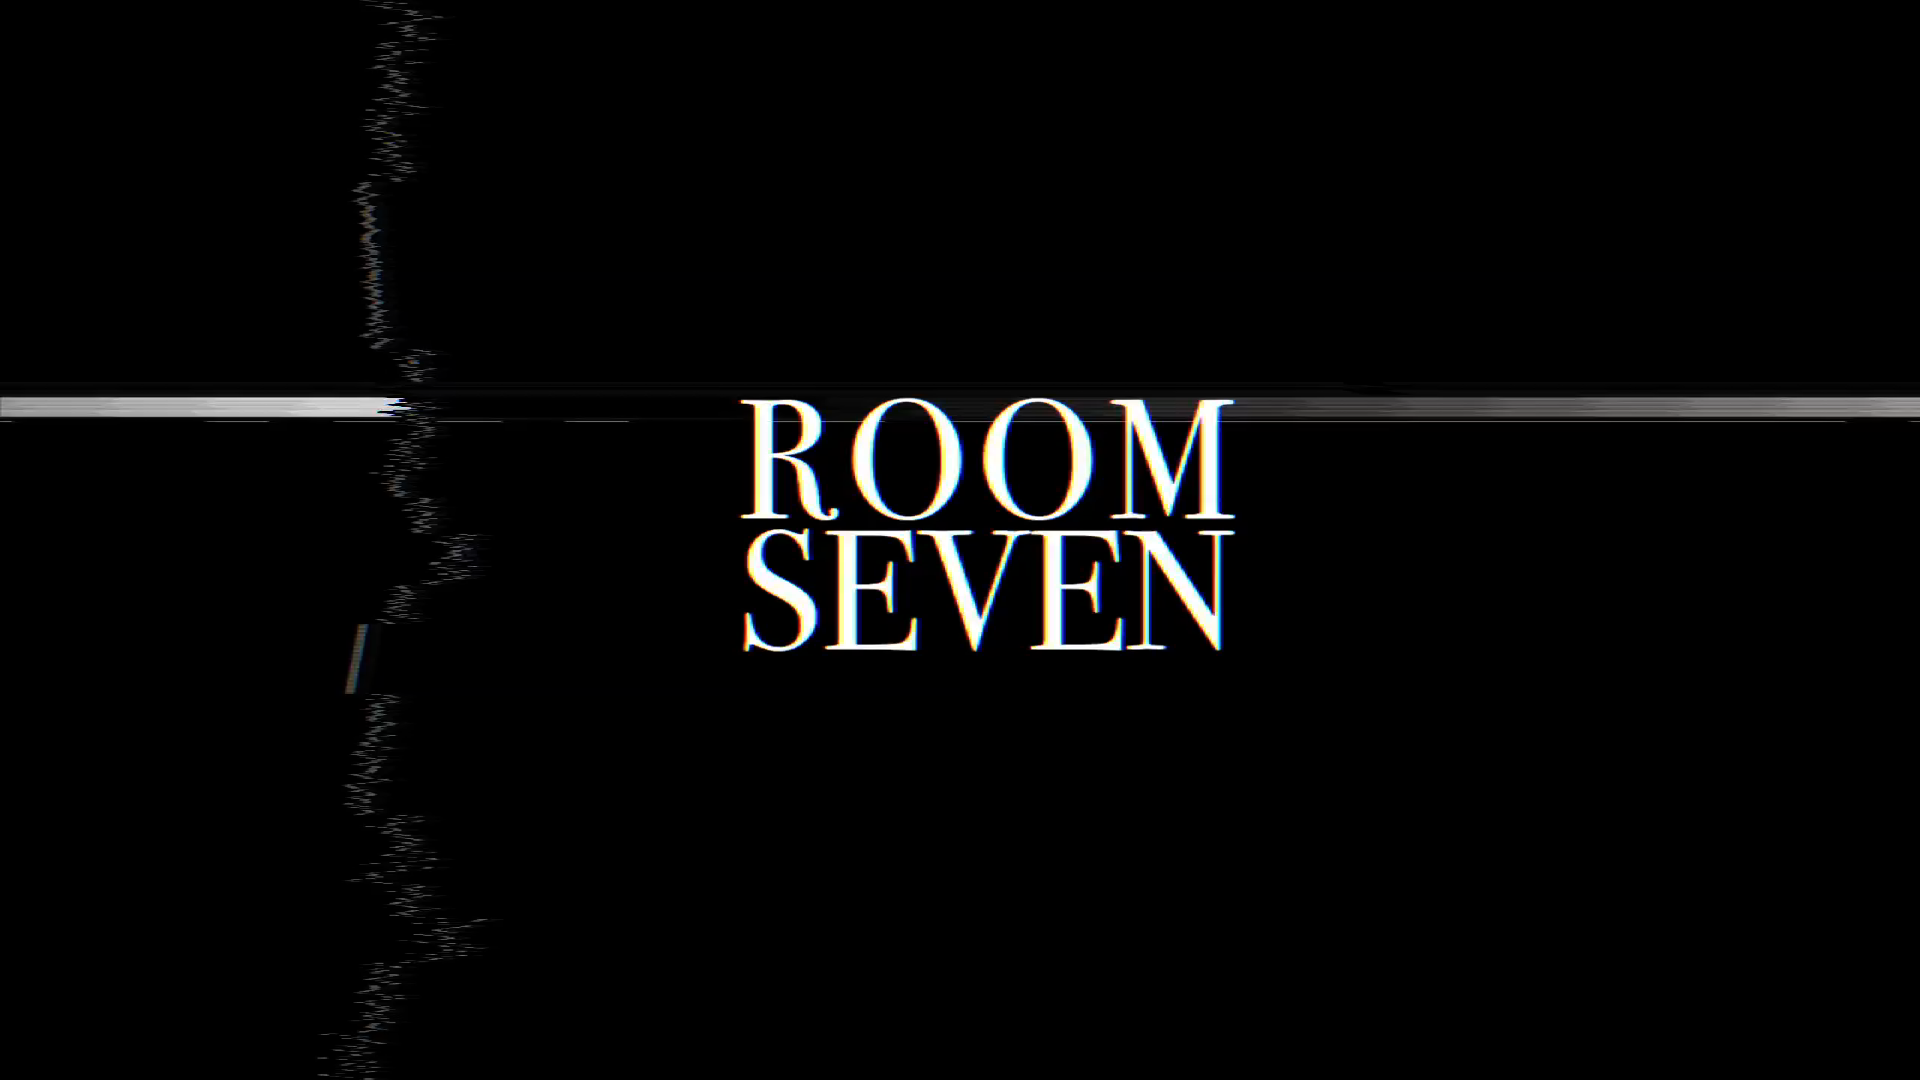 Room 7 001